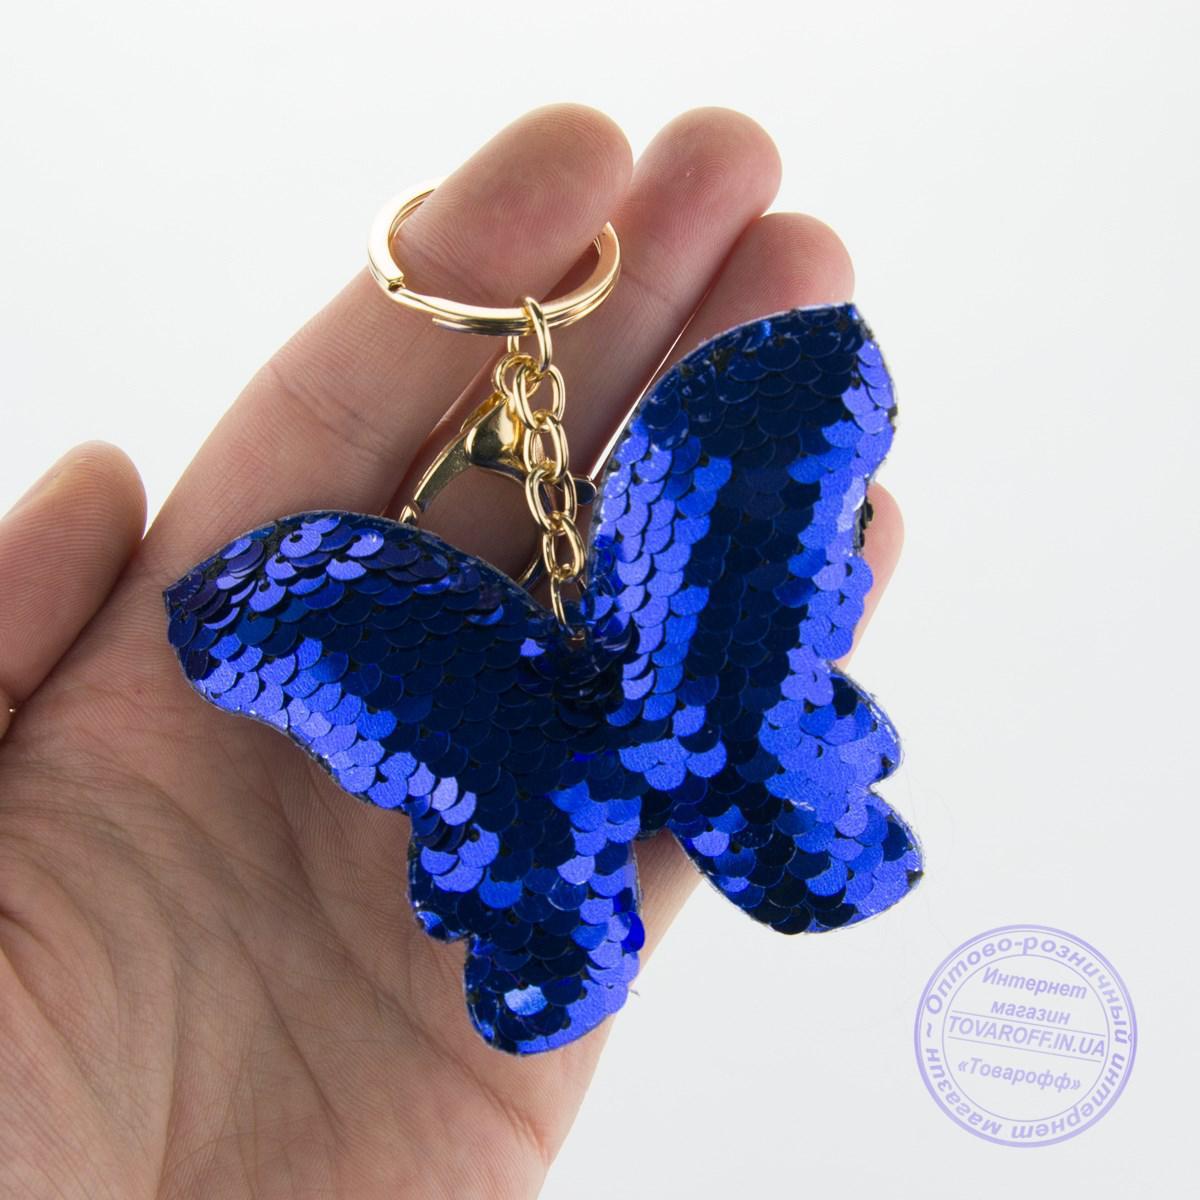 Брелок-метелик з леліток - LH-18